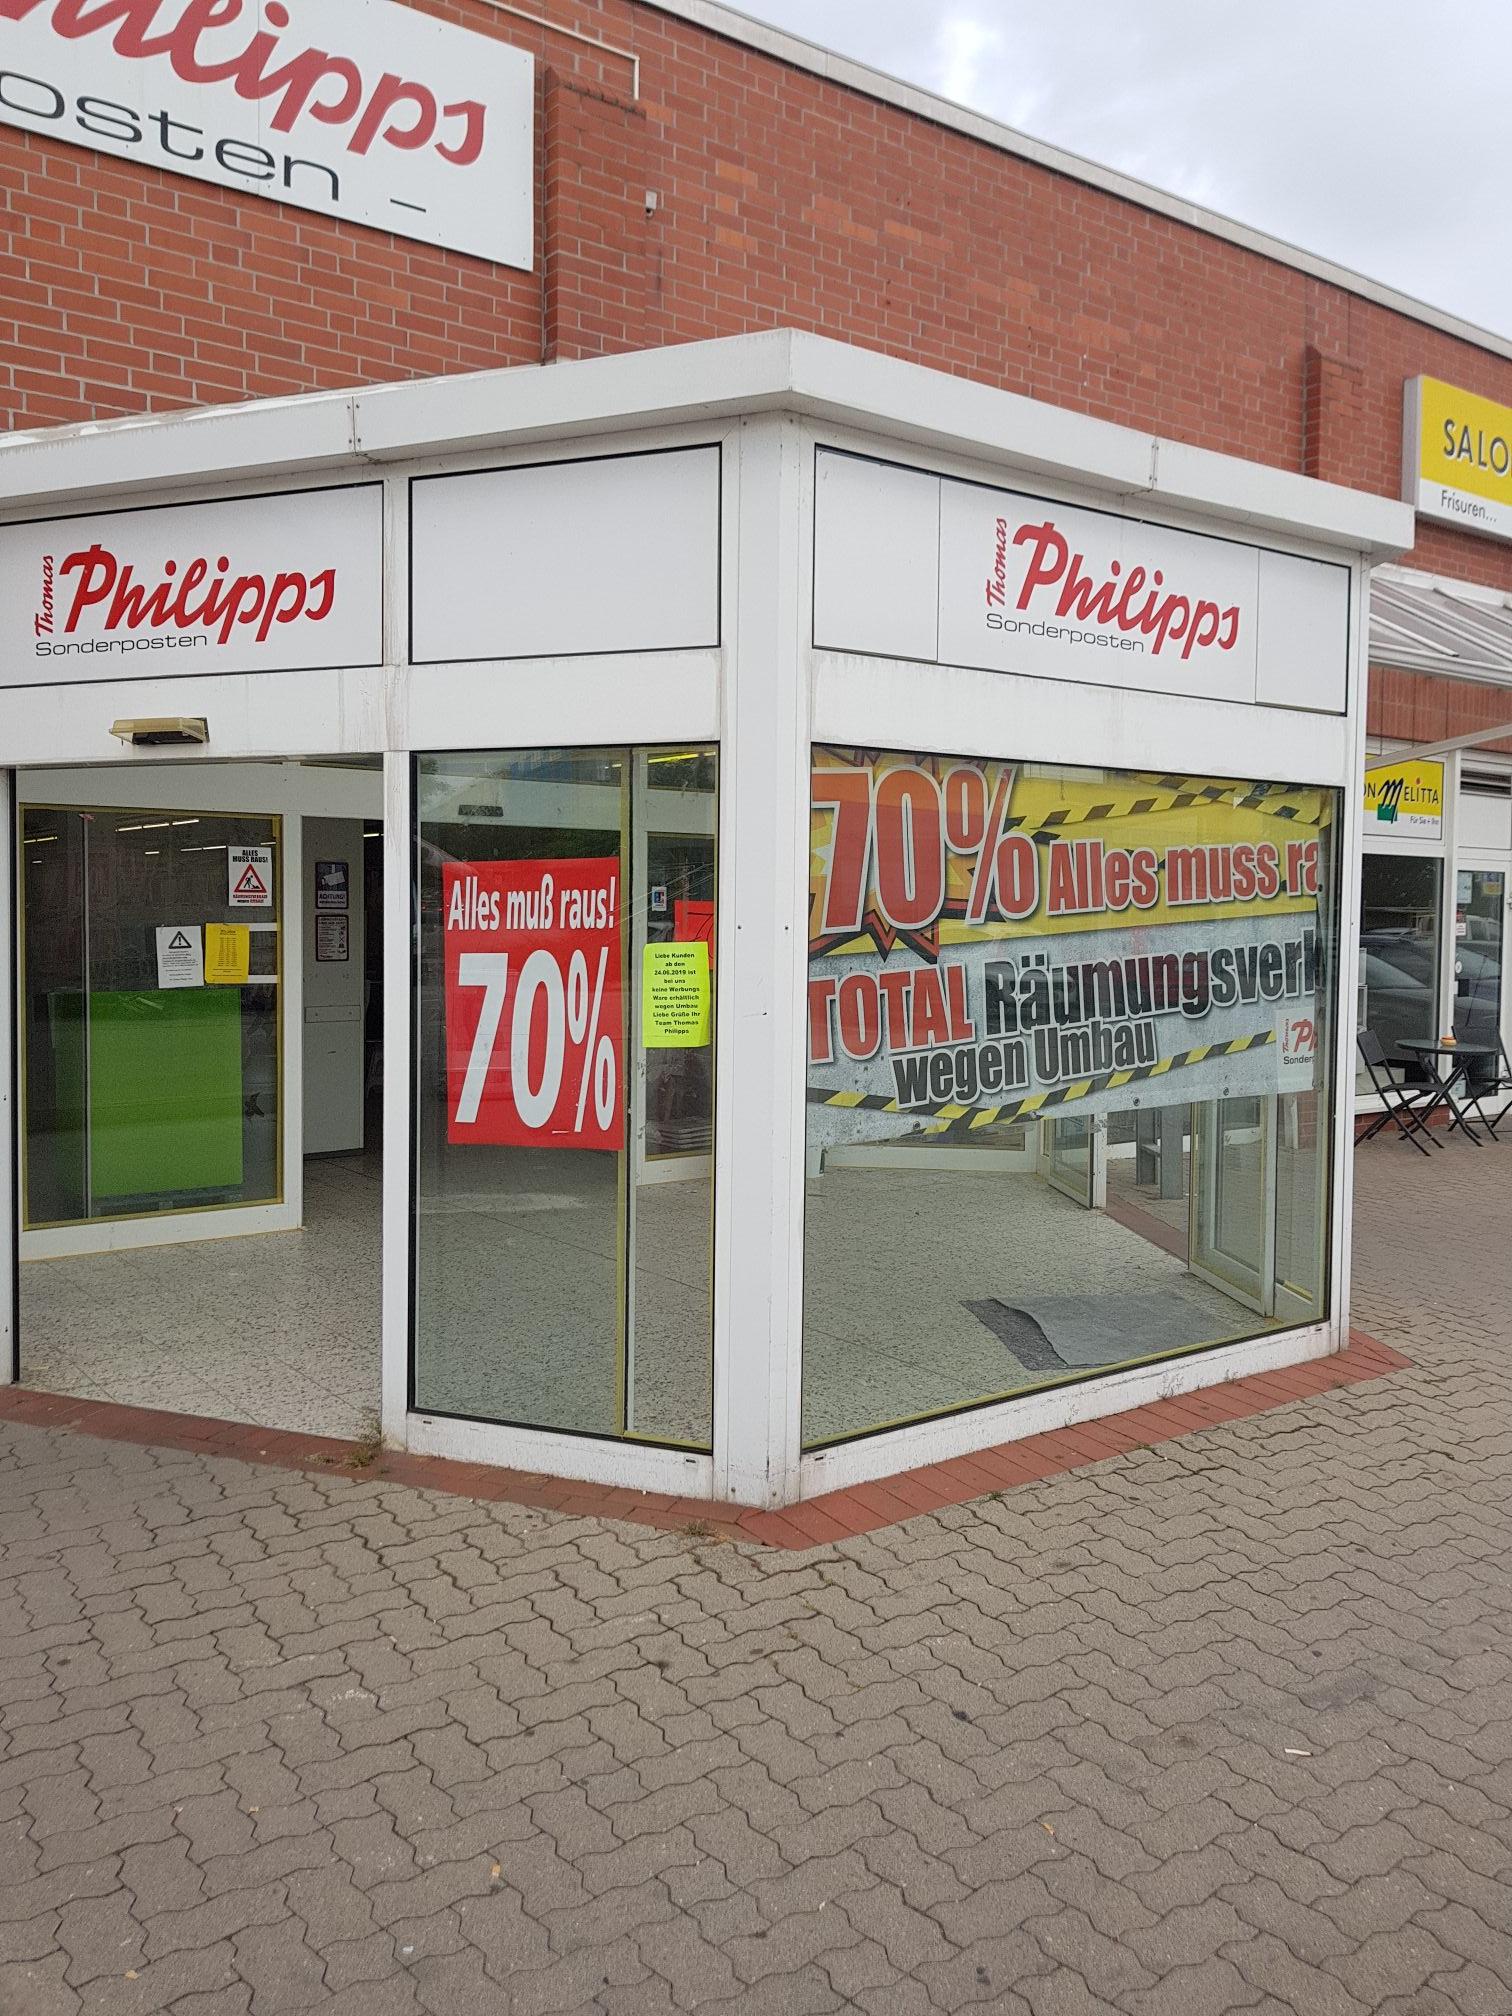 [Lokal] jetzt 70% Thomas Phillips Haldensleben - 50 Prozent auf alles